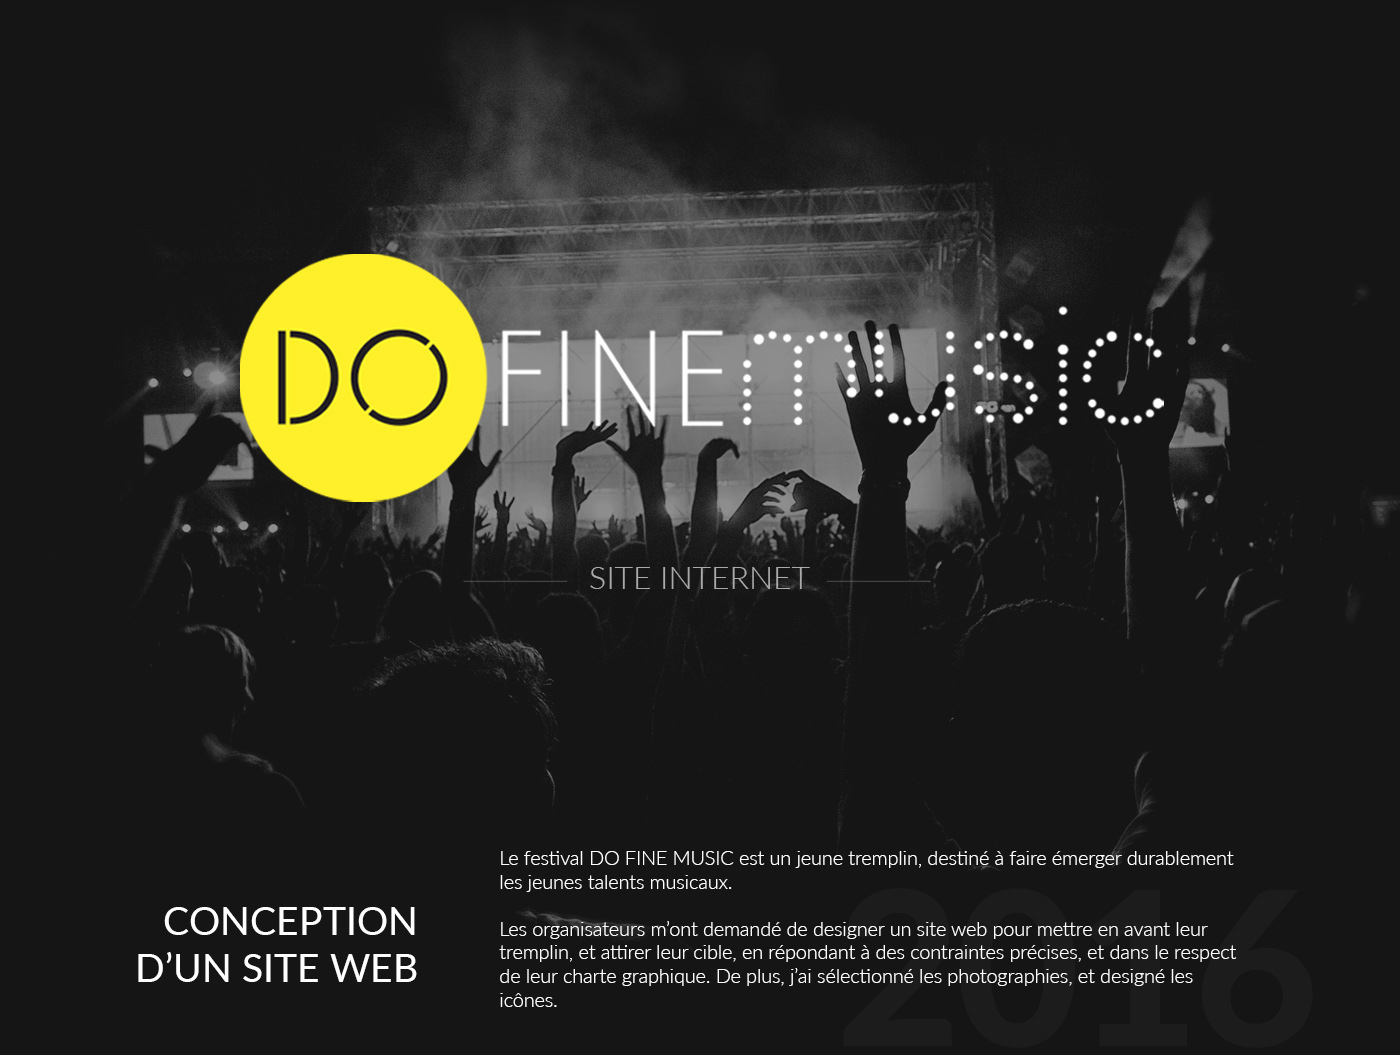 DO FINE MUSIC - Website Festival on Behance